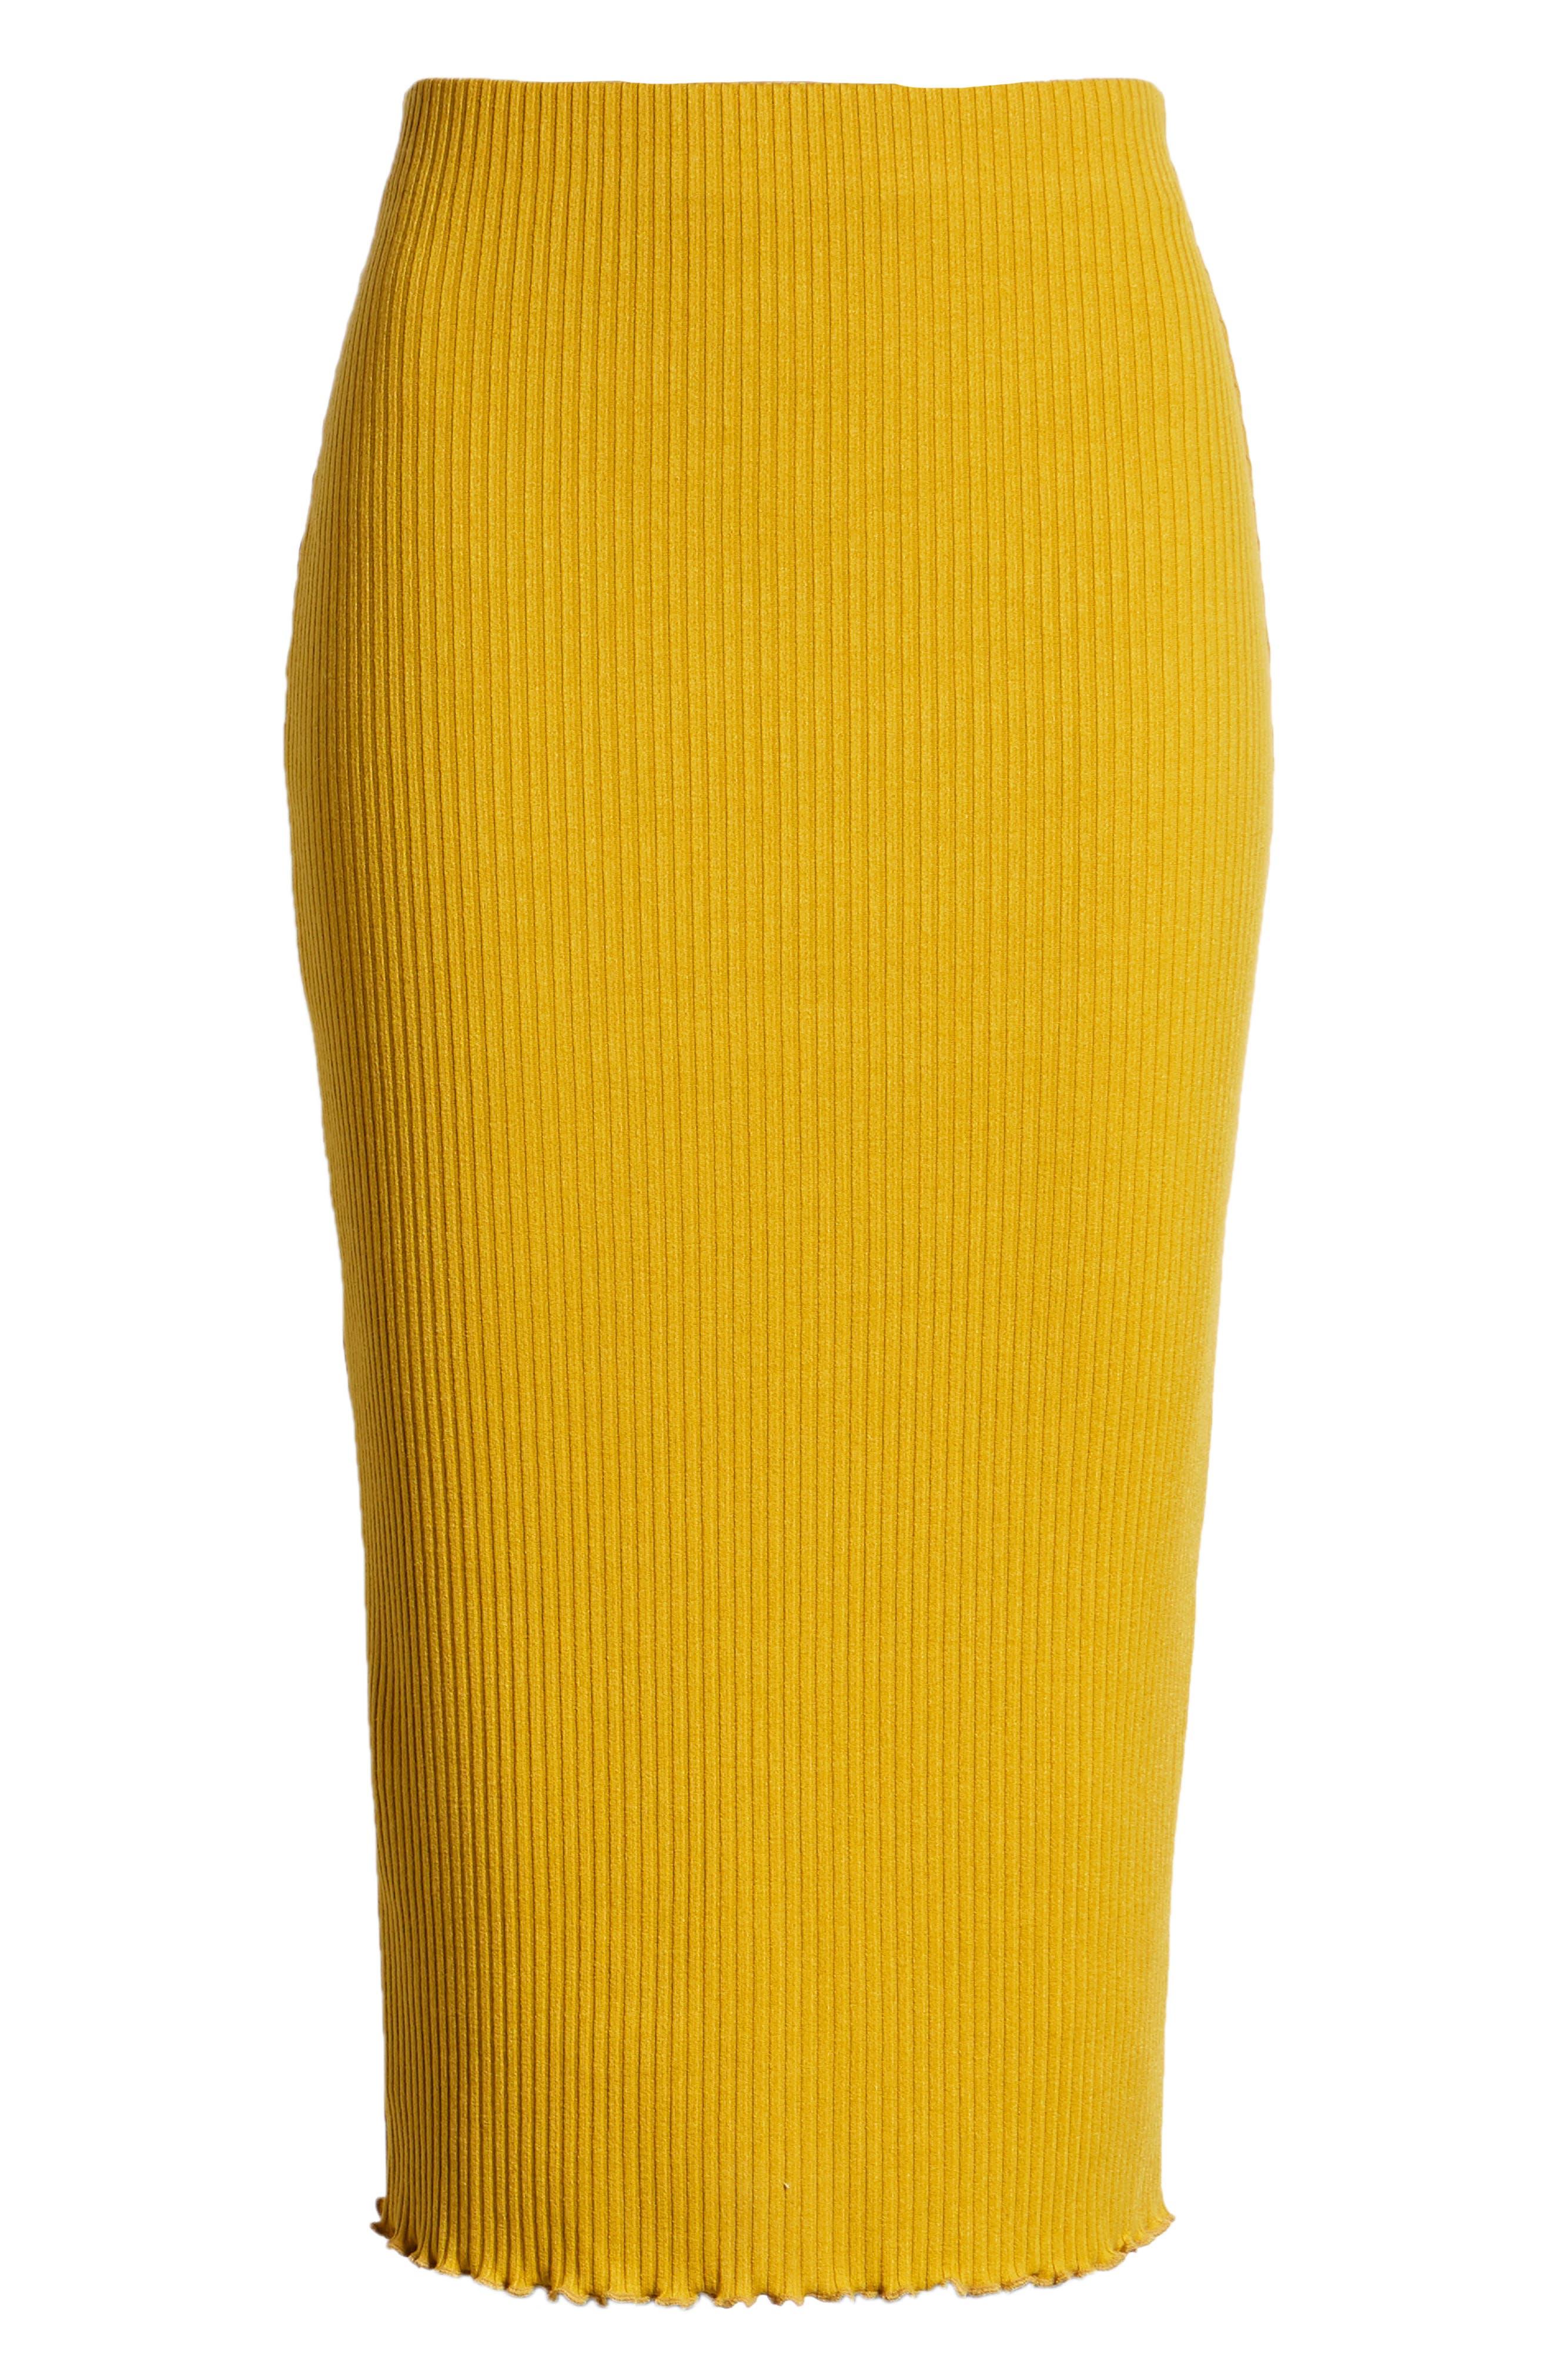 Rib Knit Pencil Skirt,                             Alternate thumbnail 6, color,                             700